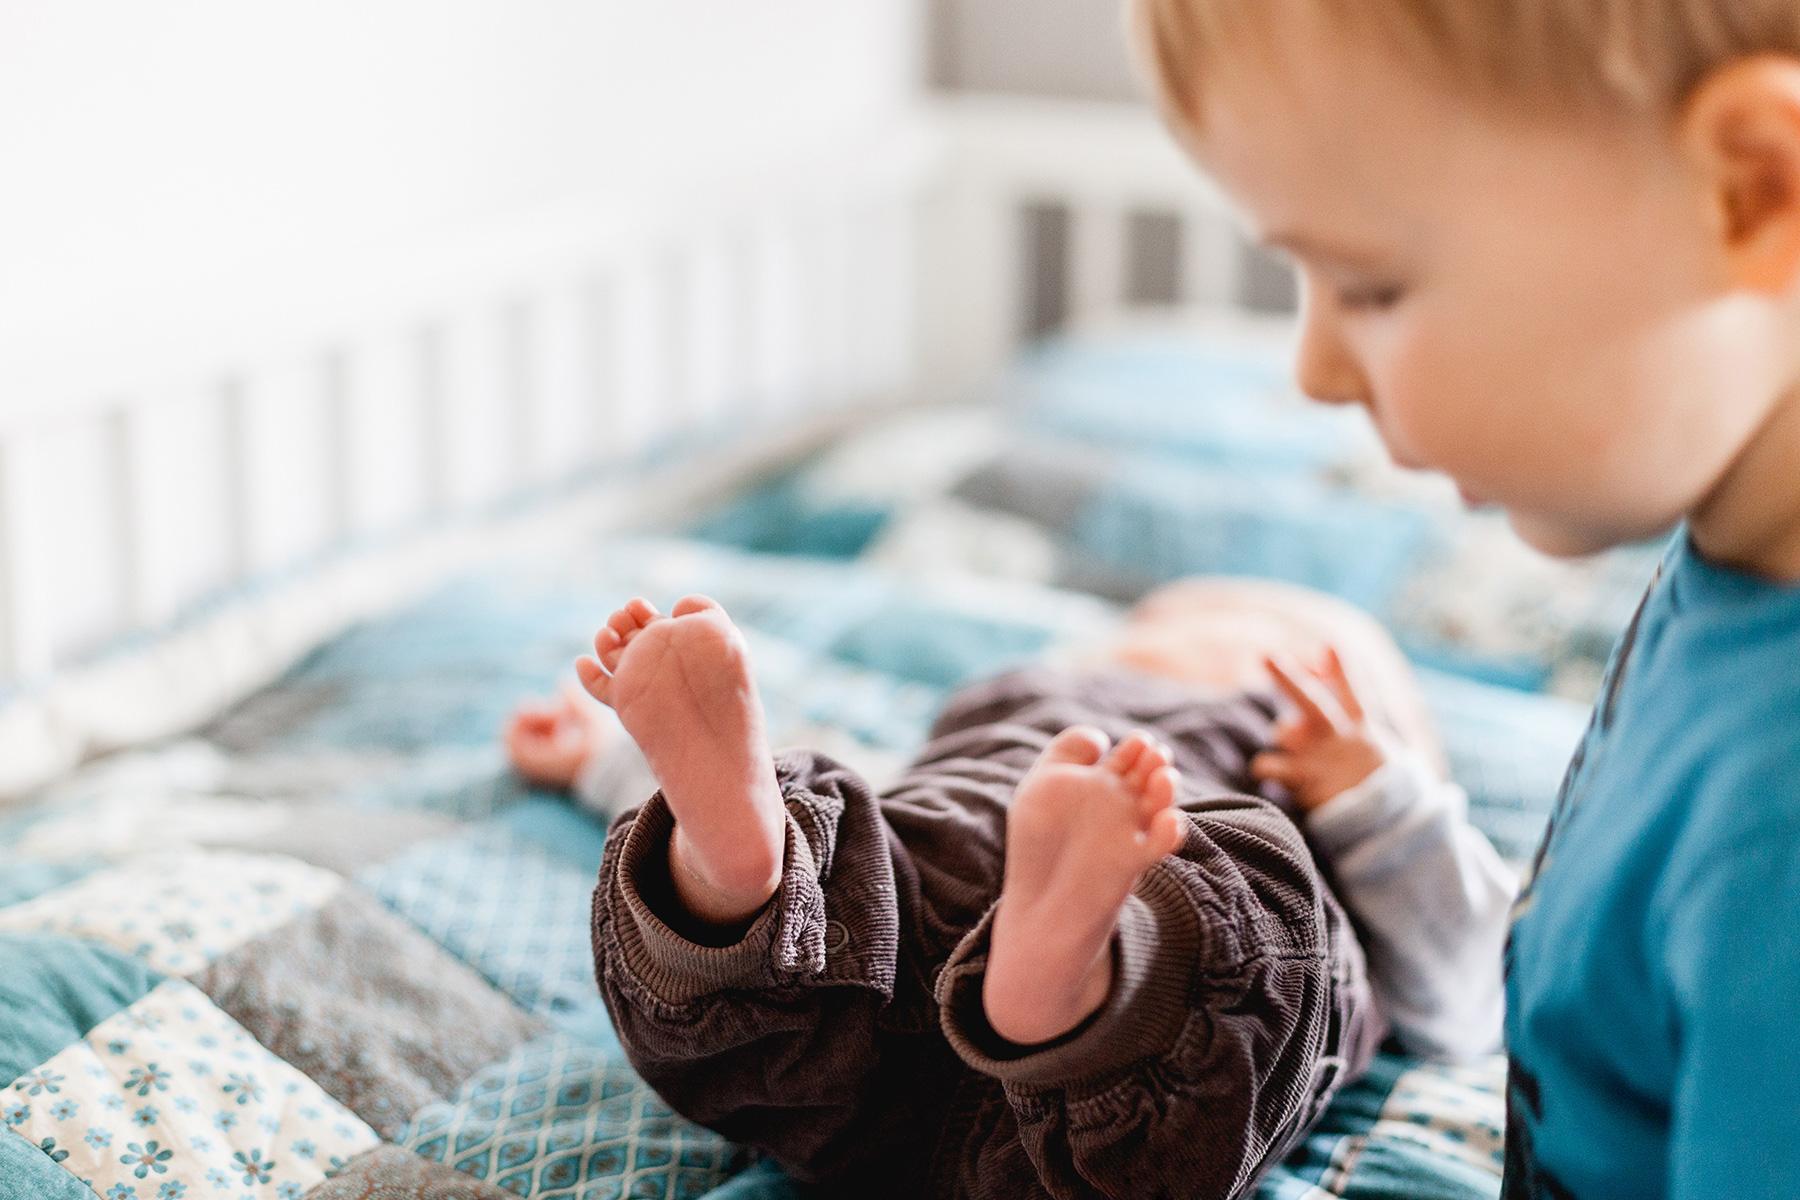 kleiner Junge schaut winzige Füßchen seines kleinen Bruders an